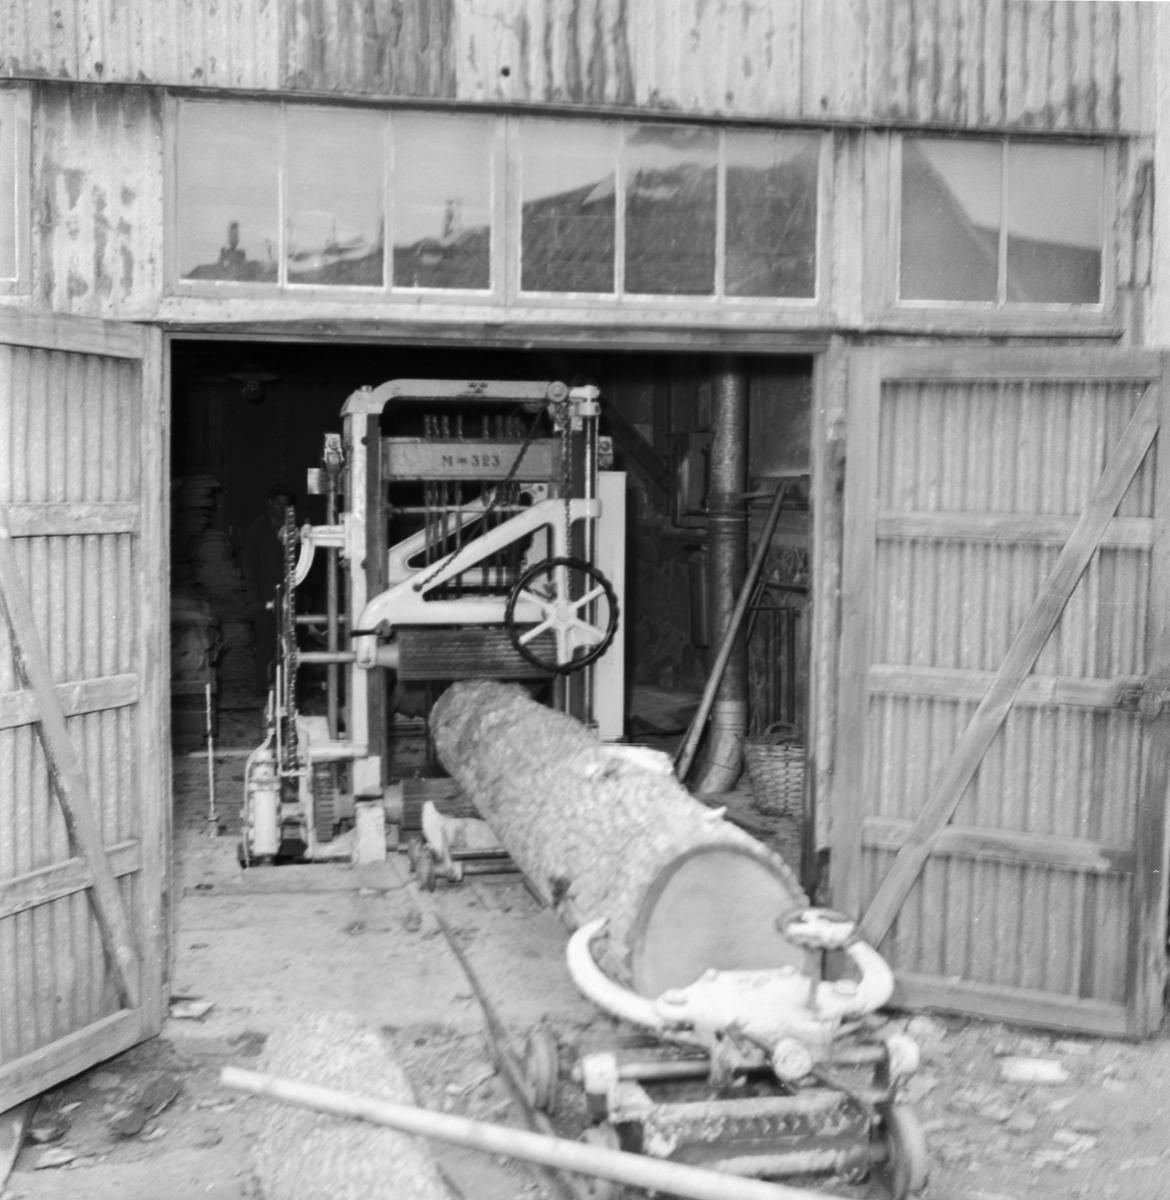 Övrigt: Foto datum: 13/8 1957 Byggnader och kranar Mässverkstan sågen